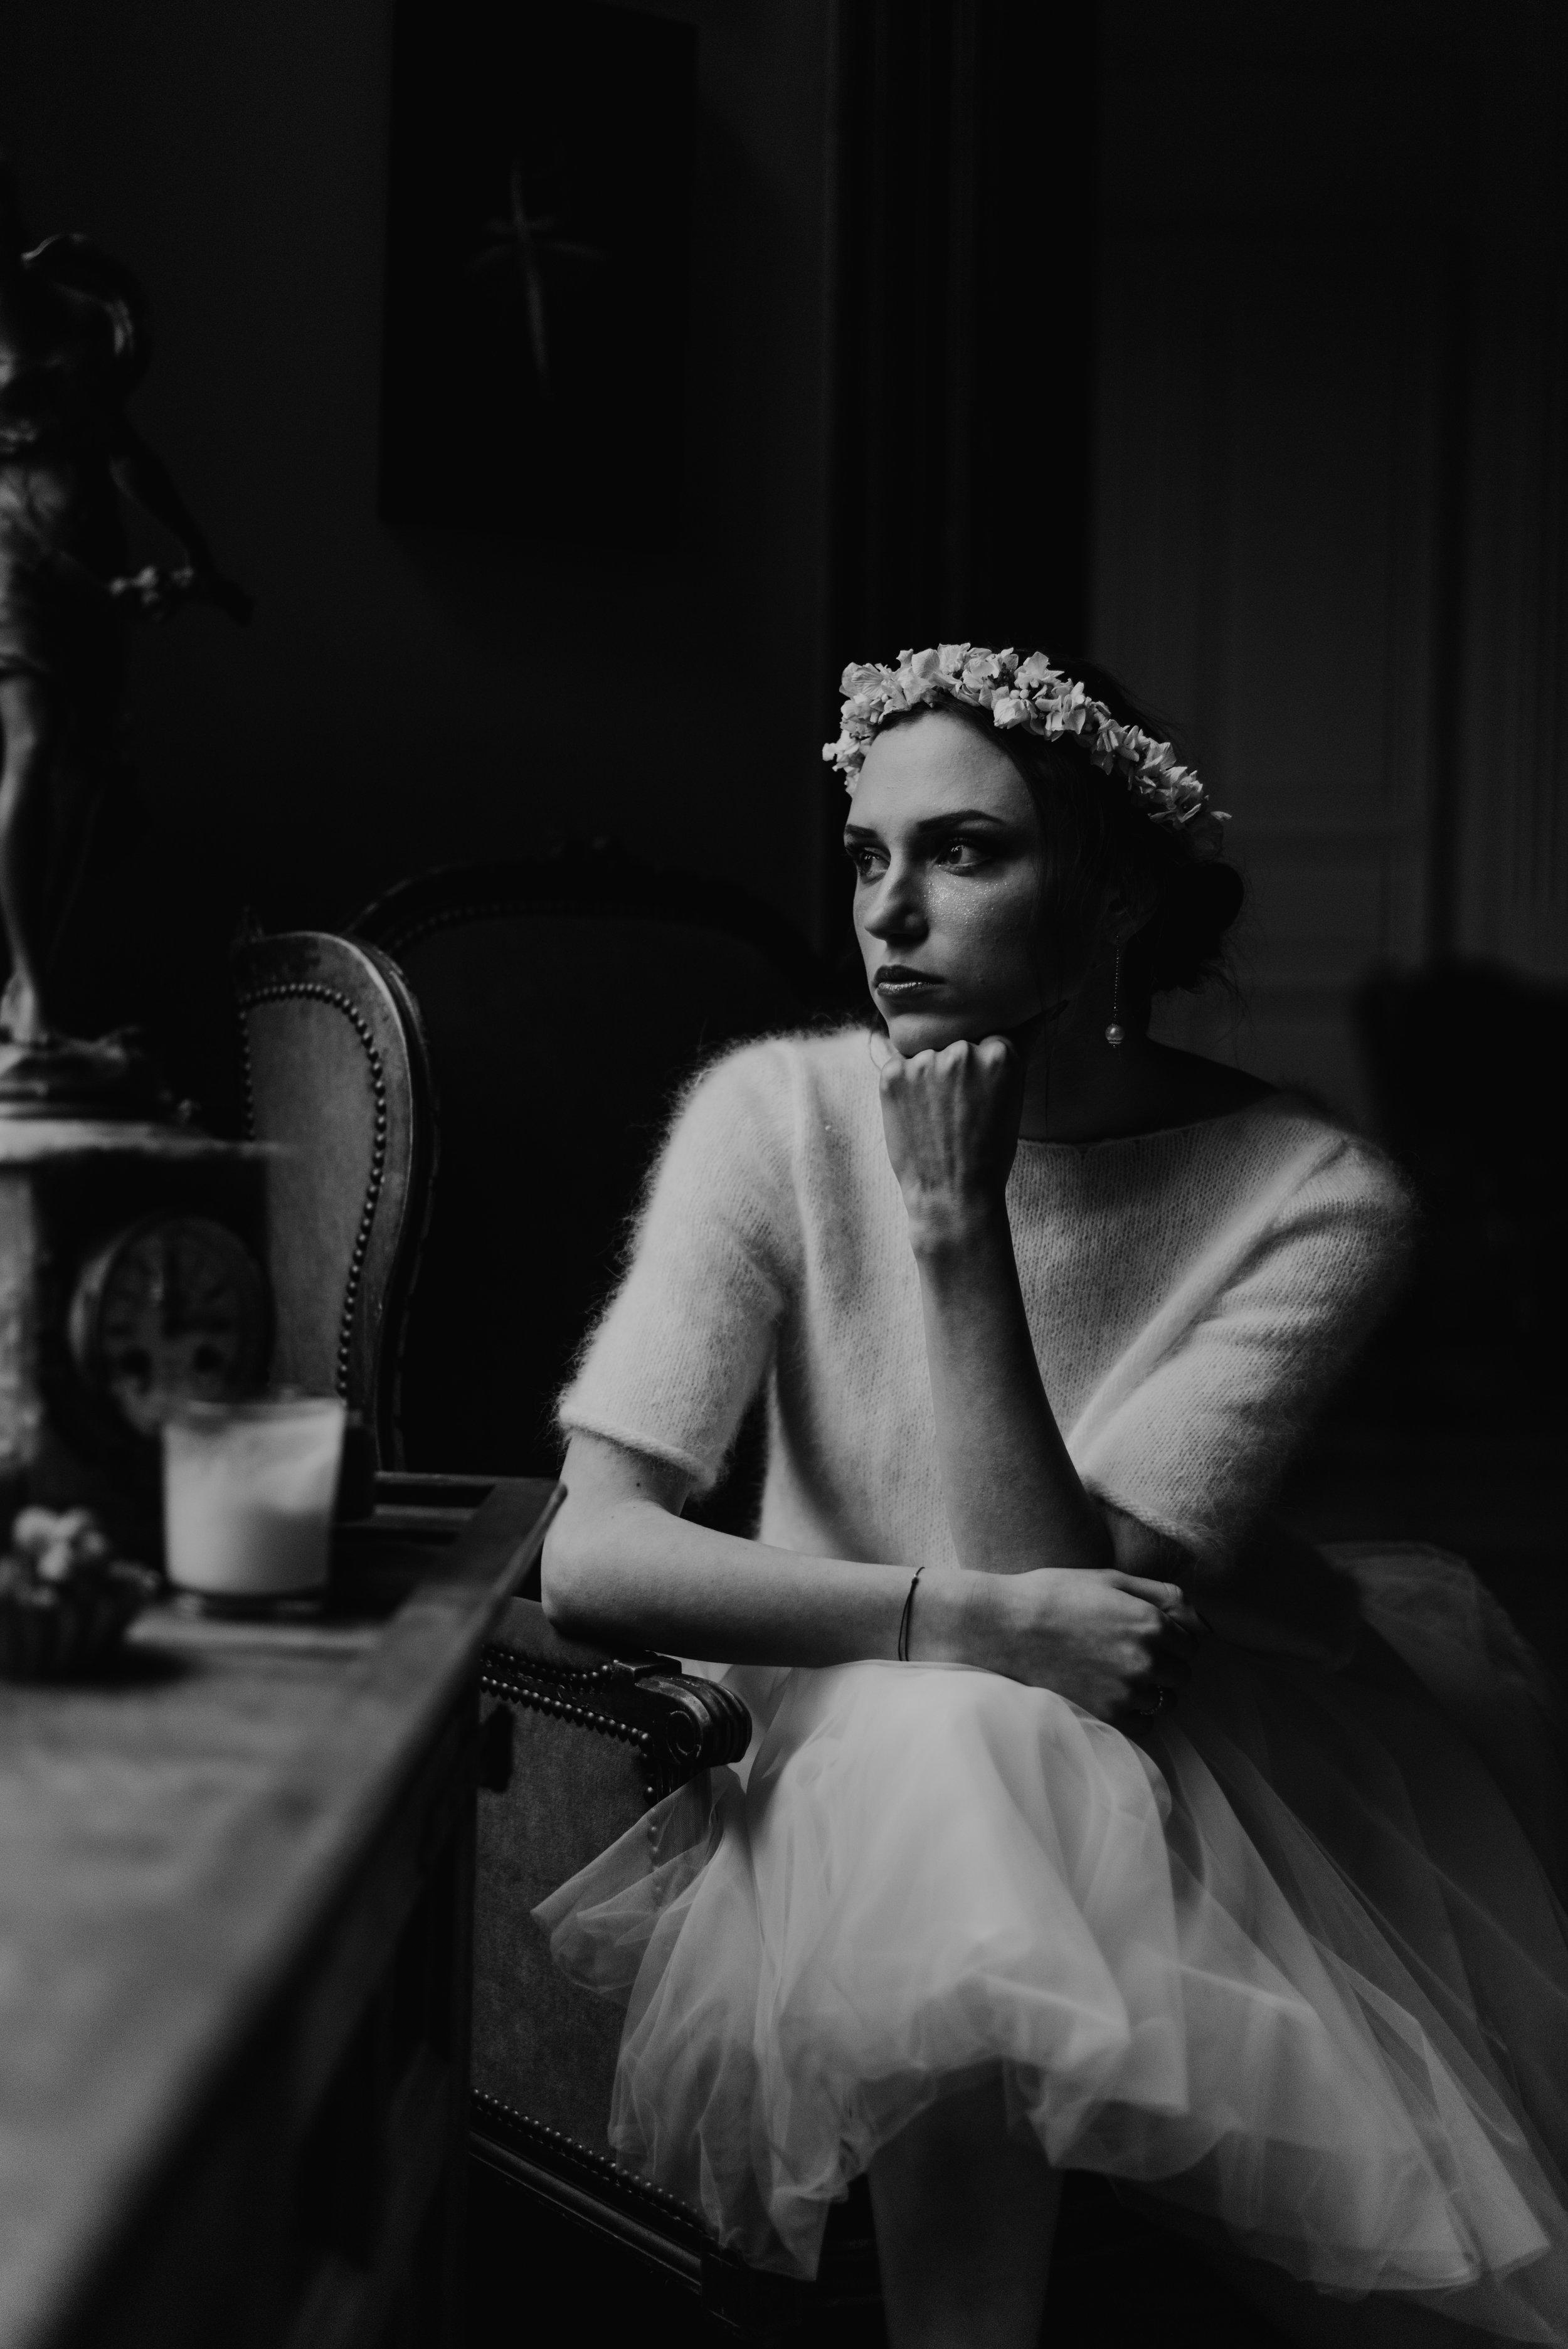 Léa-Fery-photographe-professionnel-lyon-rhone-alpes-portrait-creation-mariage-evenement-evenementiel-famille-3888.jpg